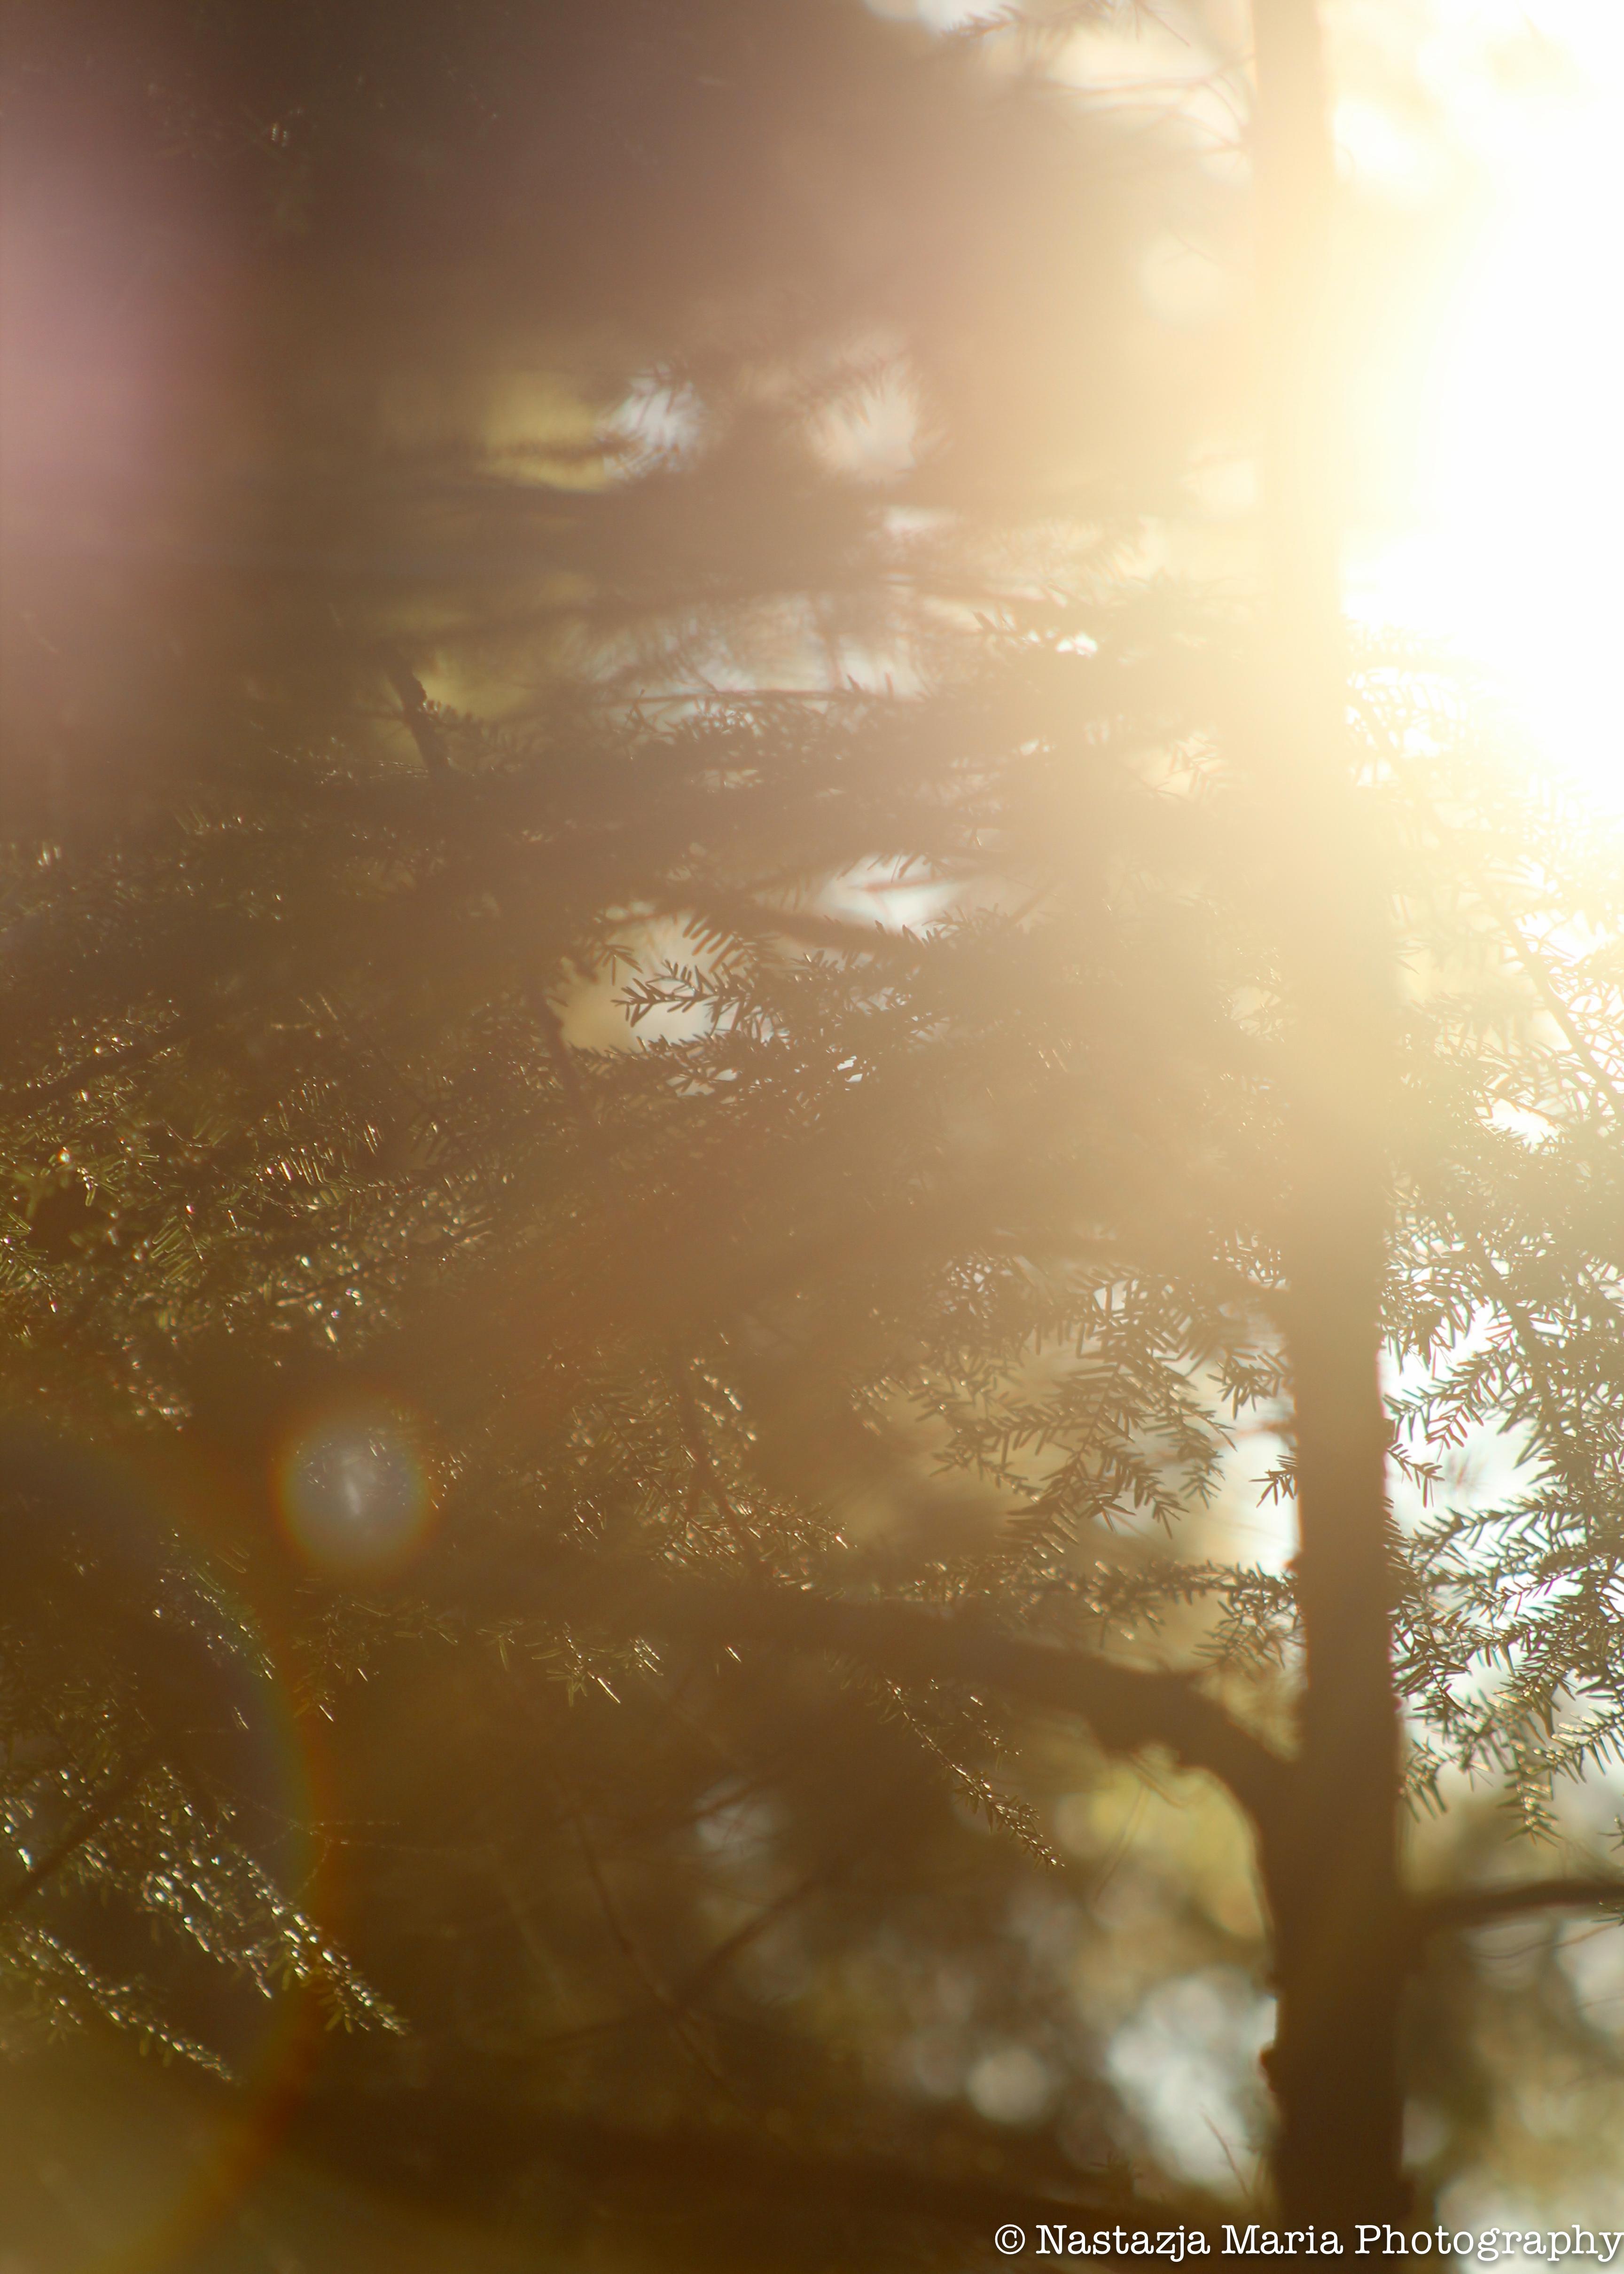 Tree in the sun 5 x 7